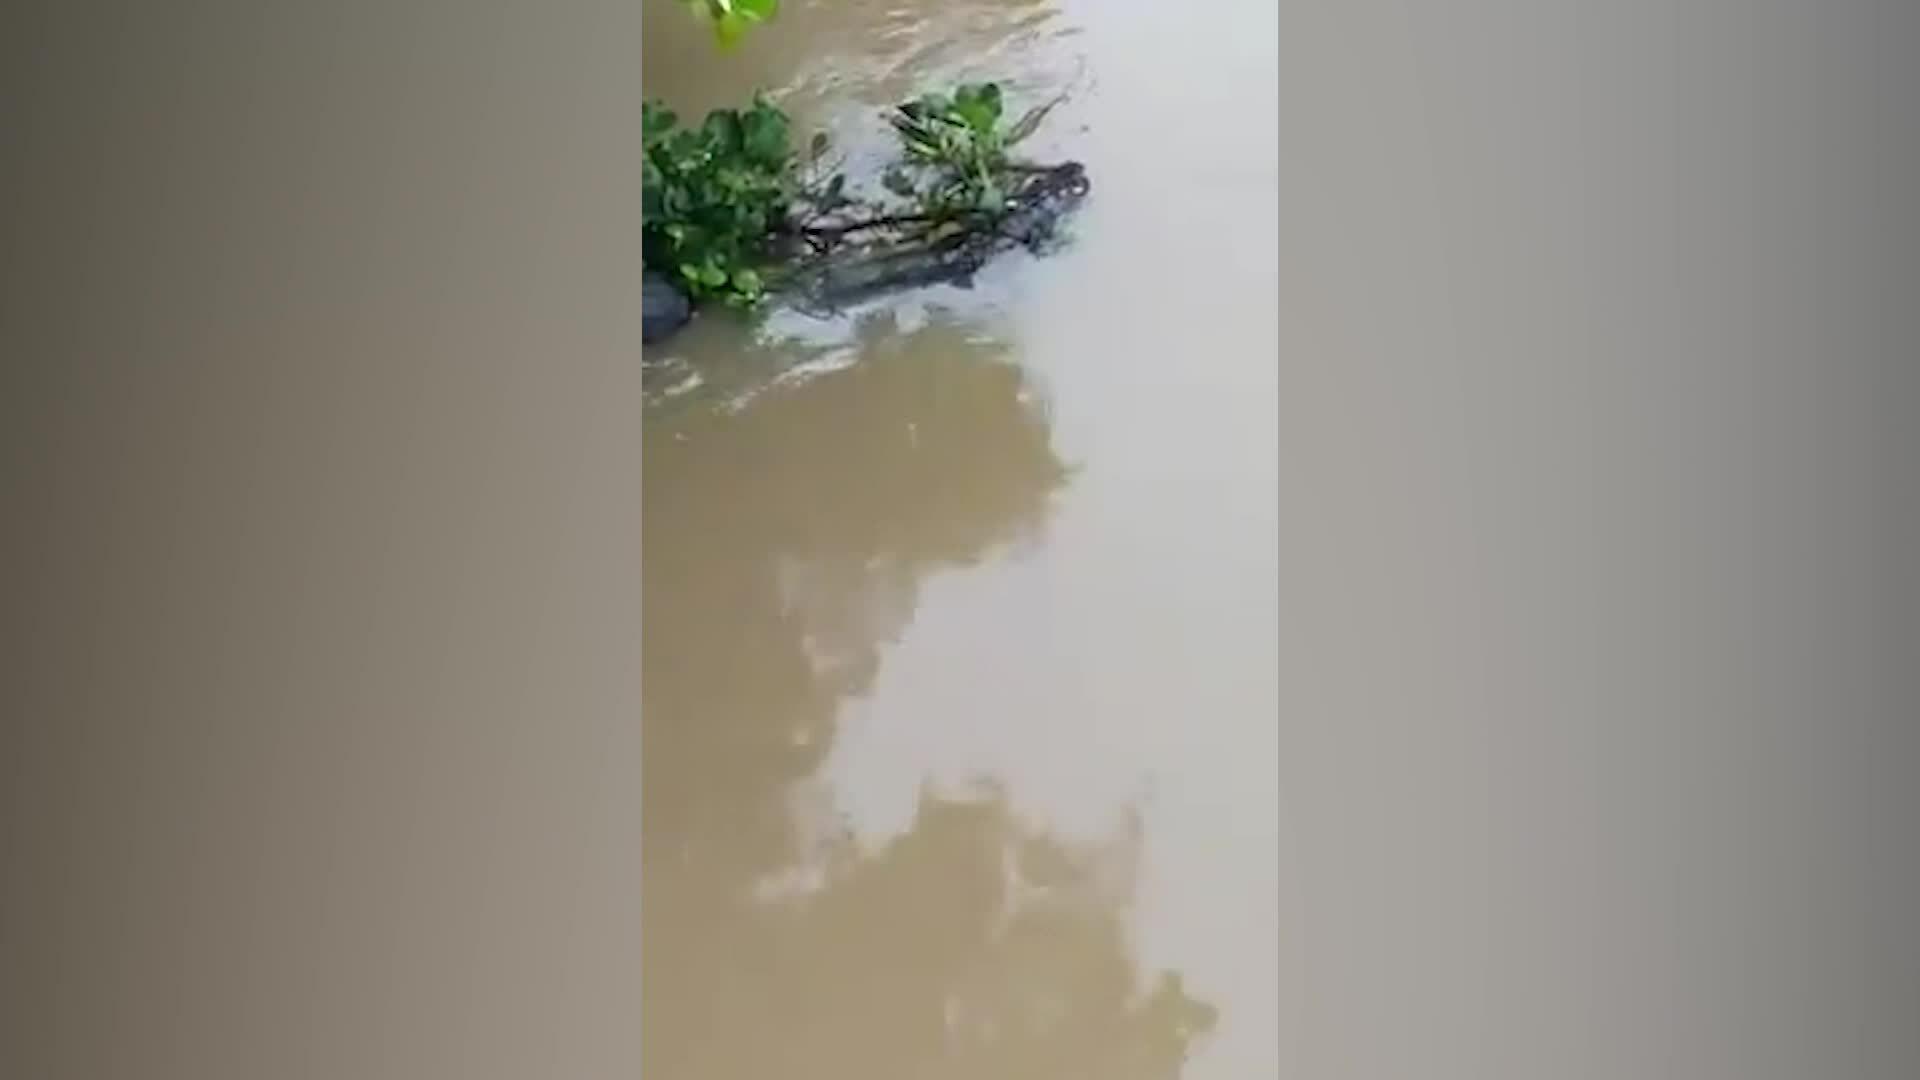 Vây bắt cá sấu 70 kg trên kênh